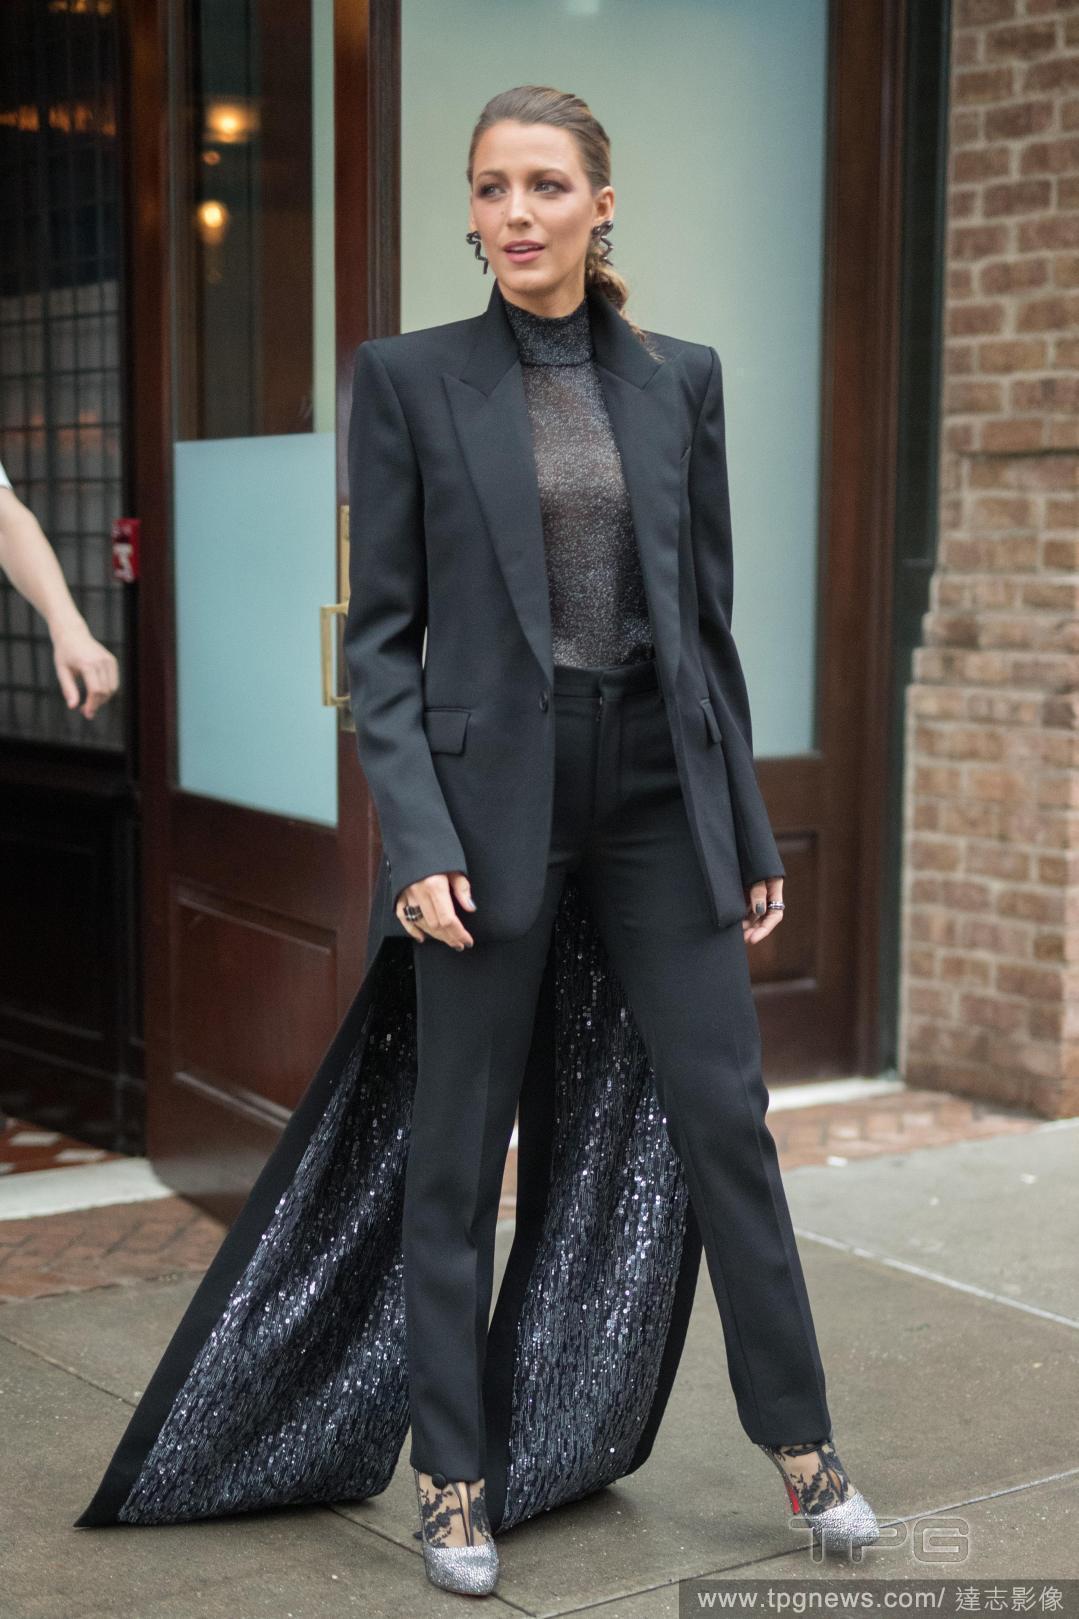 喜愛布蕾克萊佛莉(Blake Lively)的粉絲應該有觀察到,最近這位時尚教主...